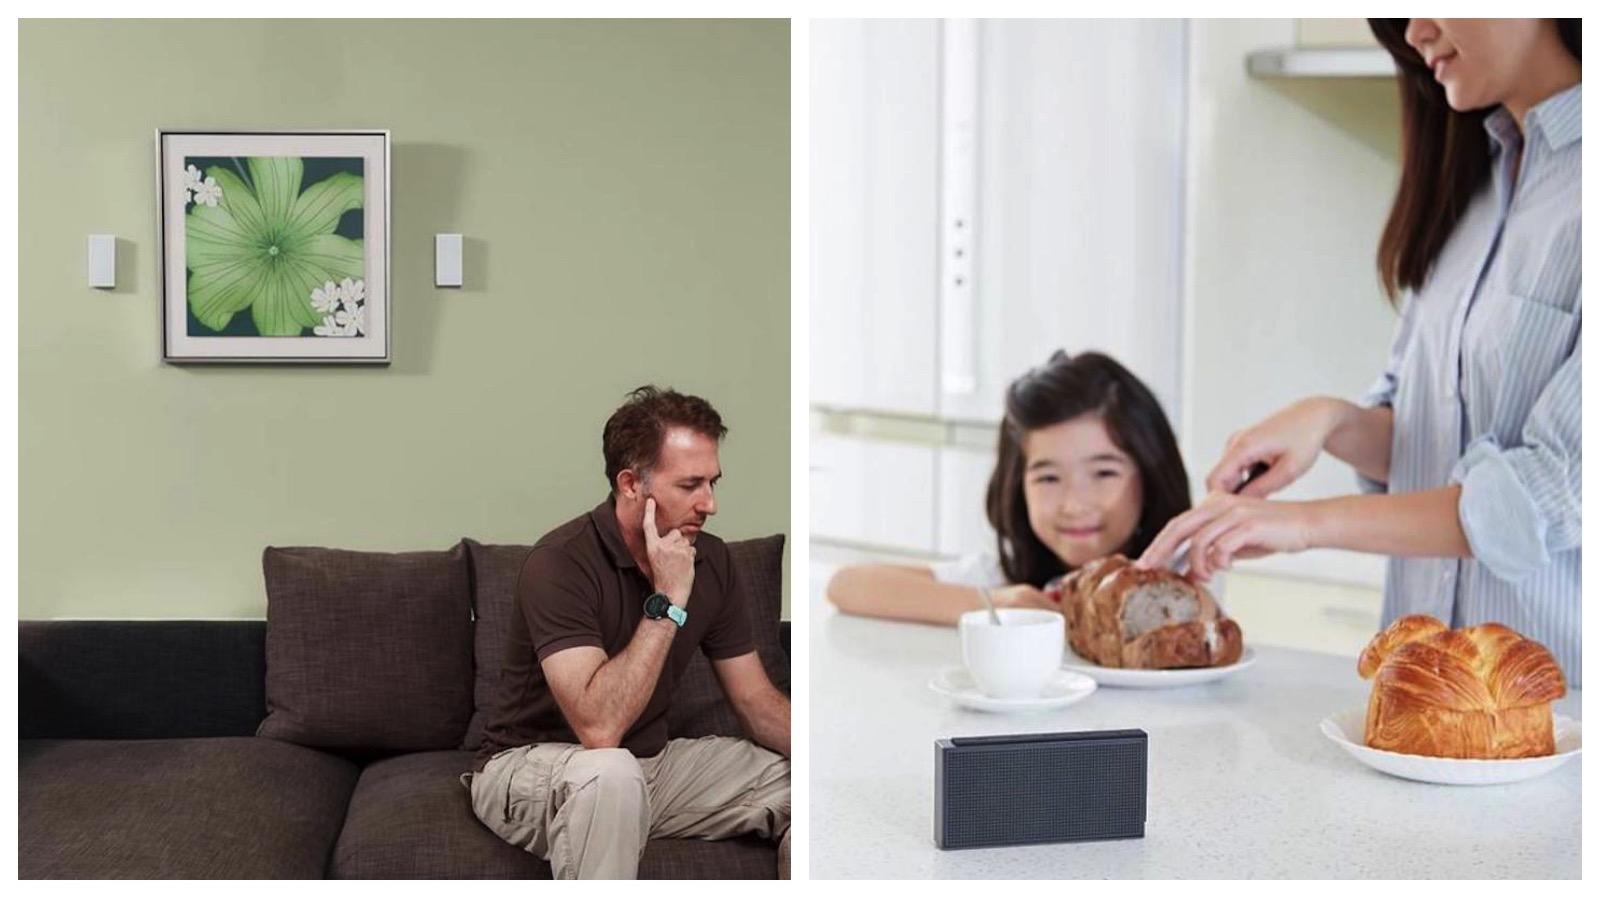 Memo-Makuake-Smart-Speaker-01.jpg